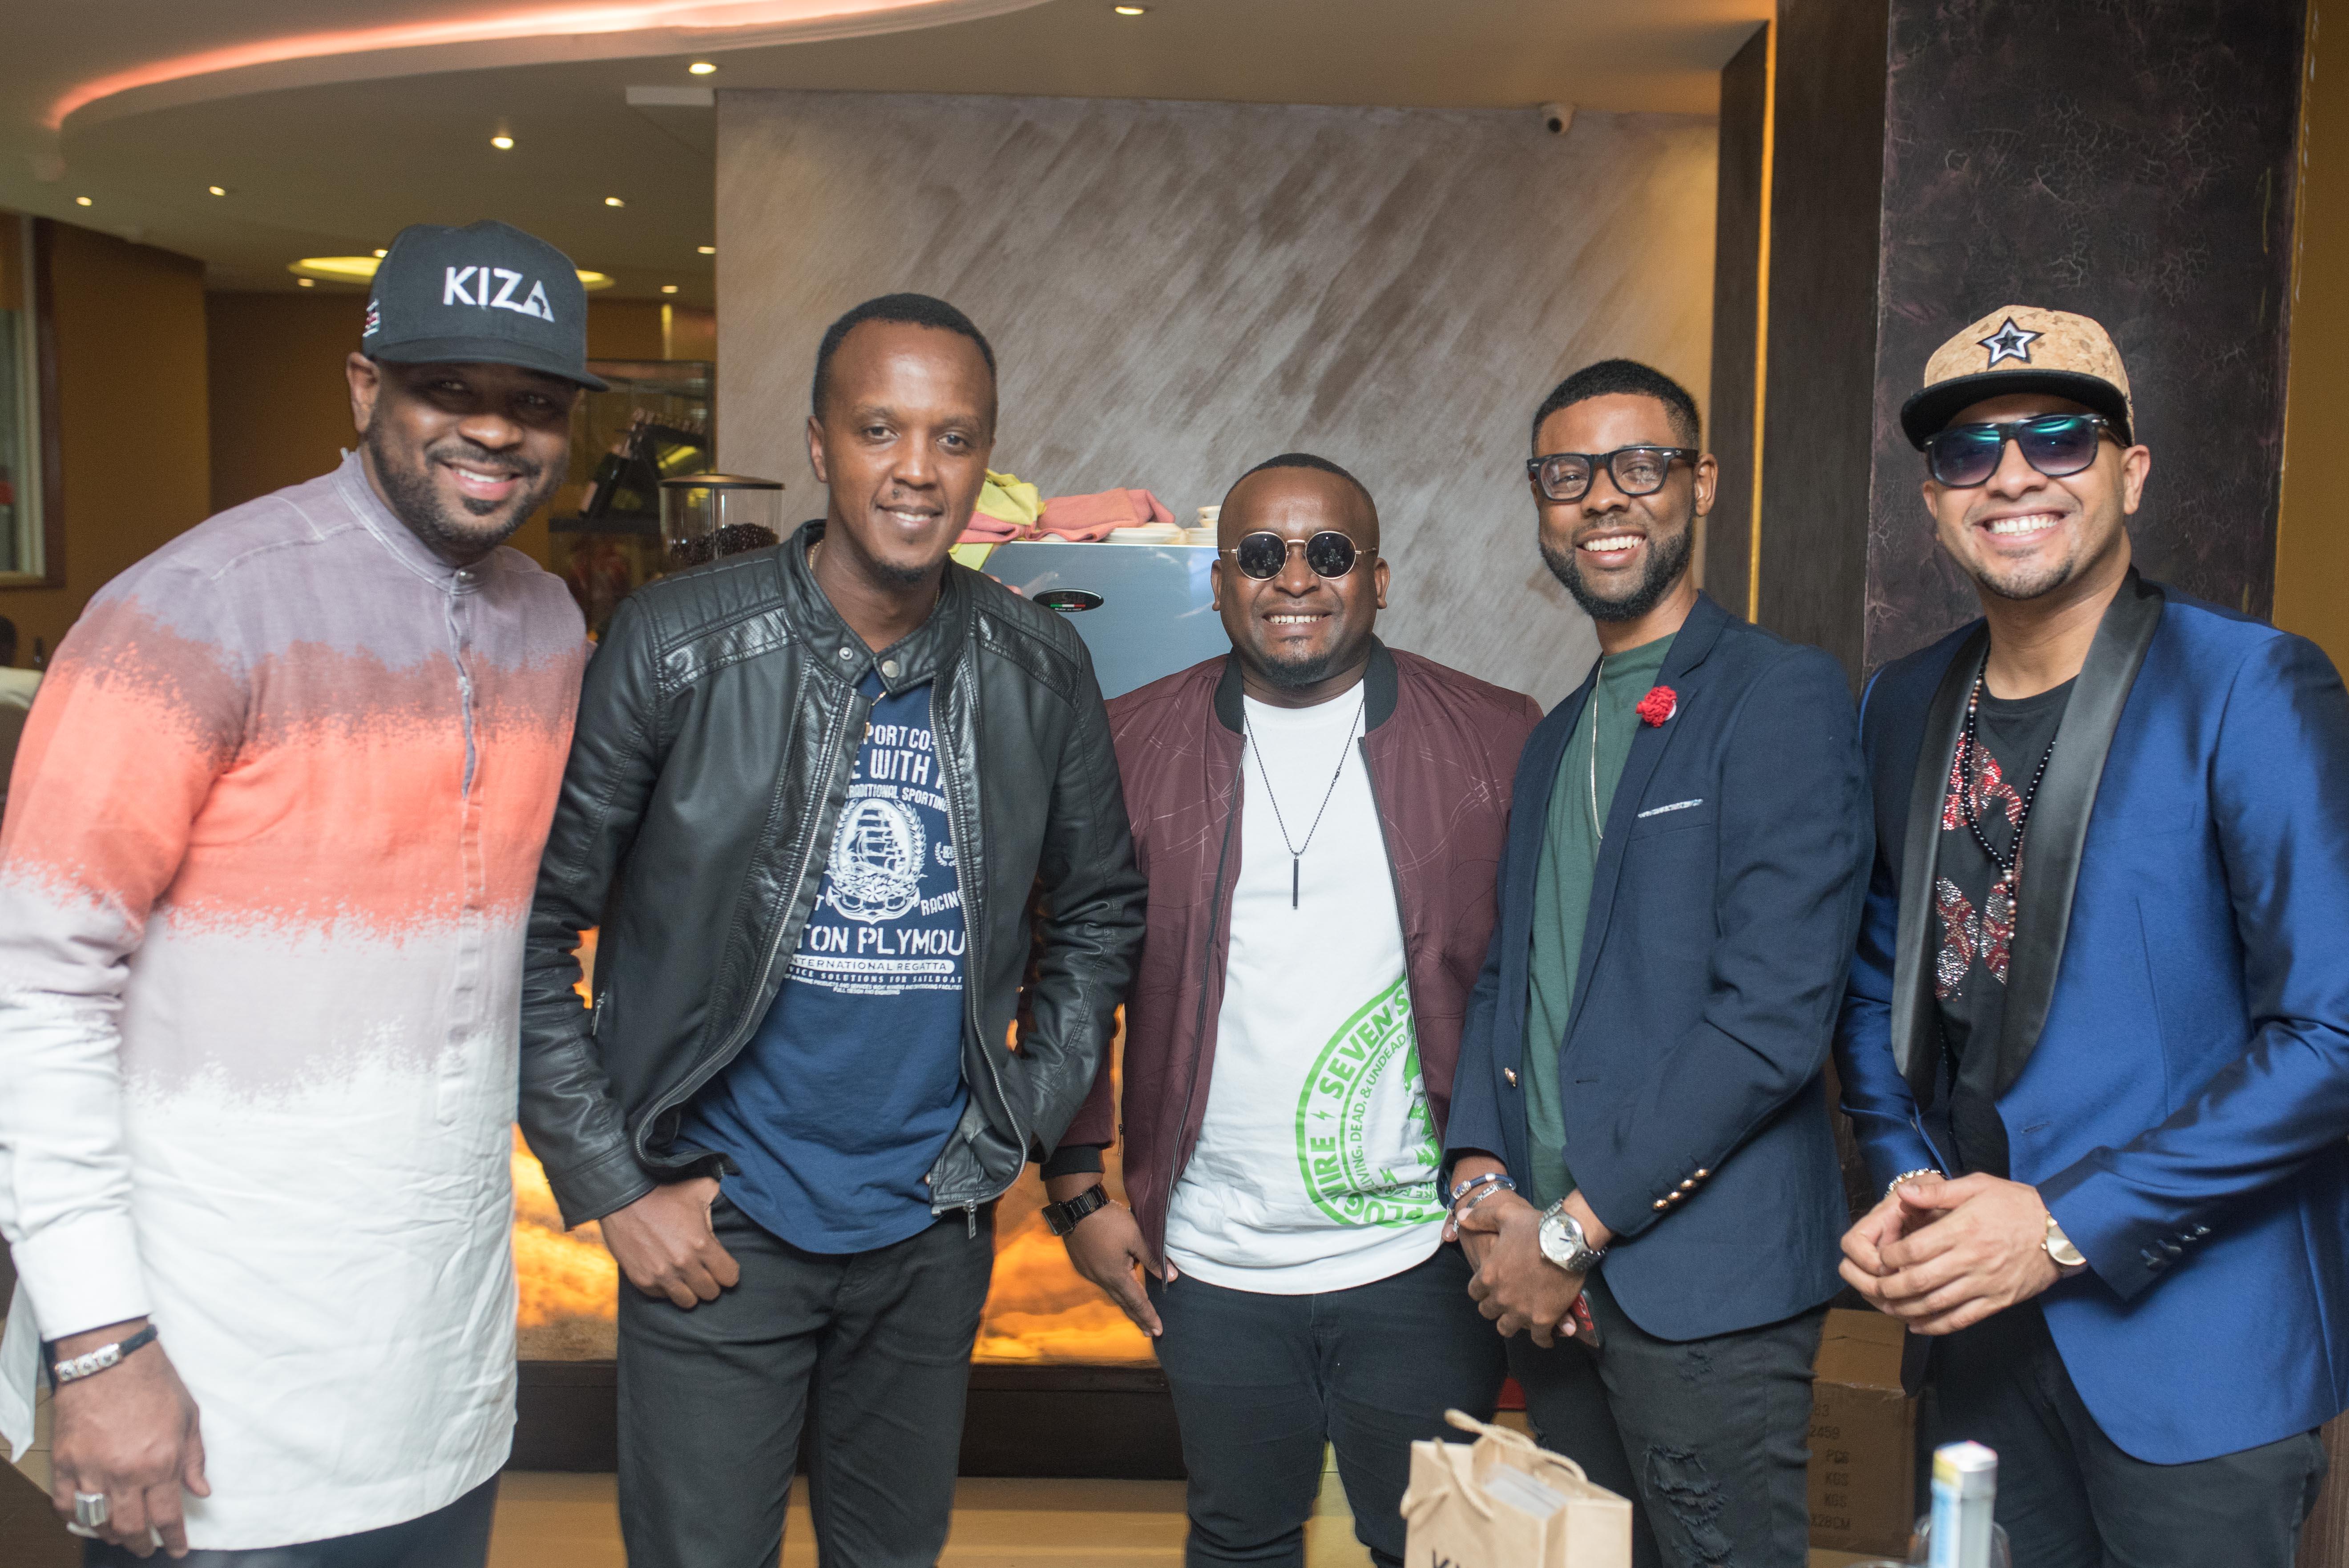 Wyre at Kiza